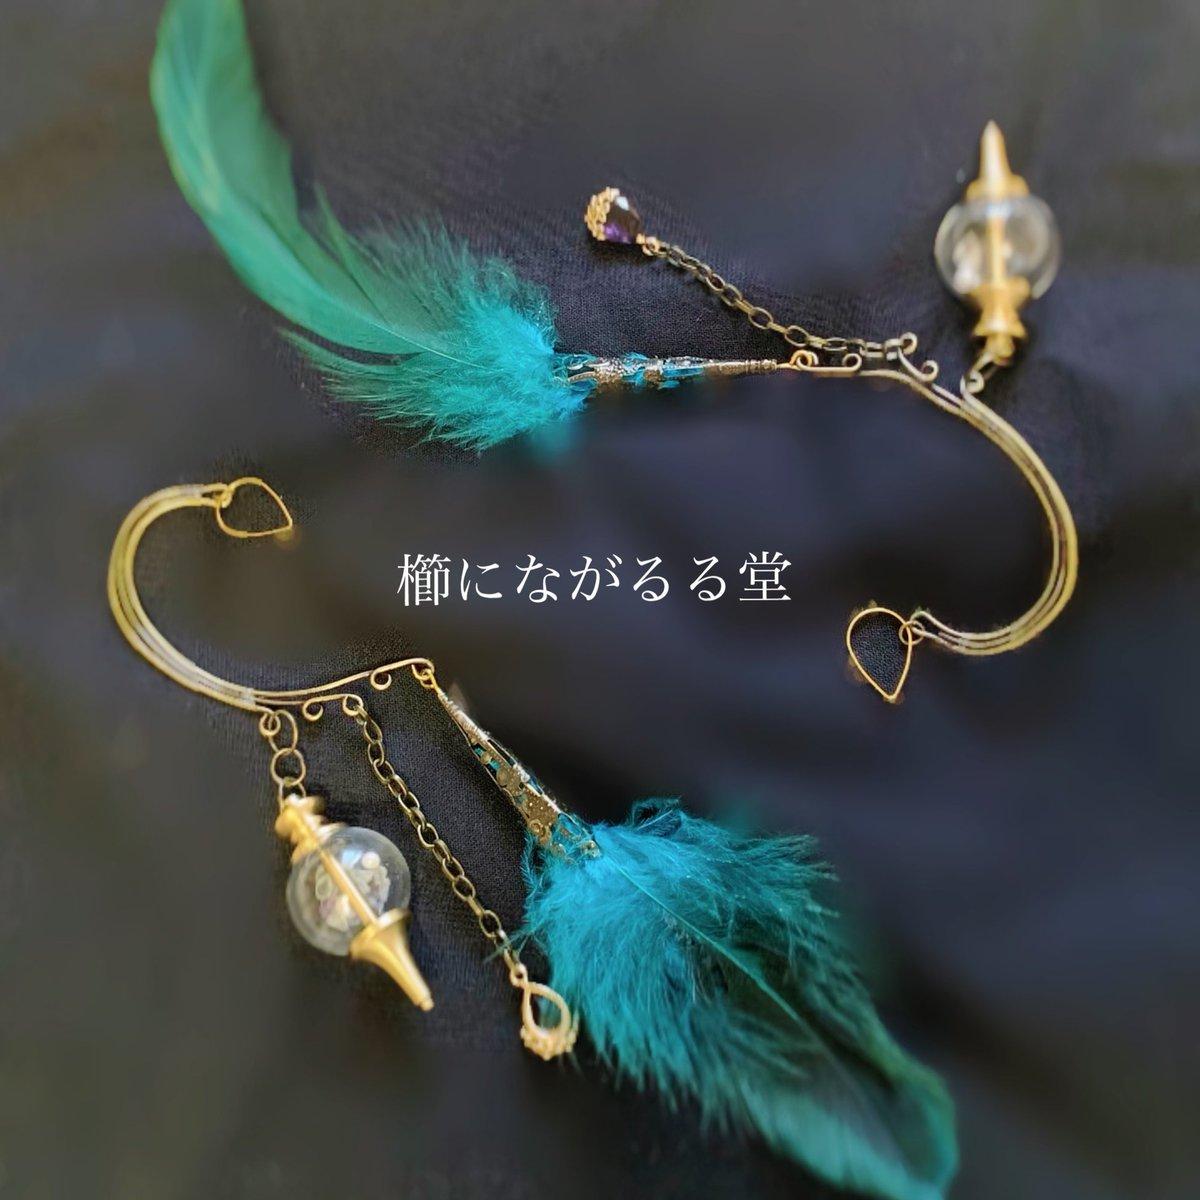 【Ear hook】  ペンデュラムと鳥の羽根が耳元を彩るデザイン。まるで青い炎の様にも見えますね。  耳の軟骨に沿ってはめ込めば簡単に装着出来ます。 こちらは片耳ずつの販売です。  (ベースの針金は柔らかいので、耳に合わせて調整可能です。落とさないように気をつけて試着して下さい) #artevarie https://t.co/ckHd8qxi0y